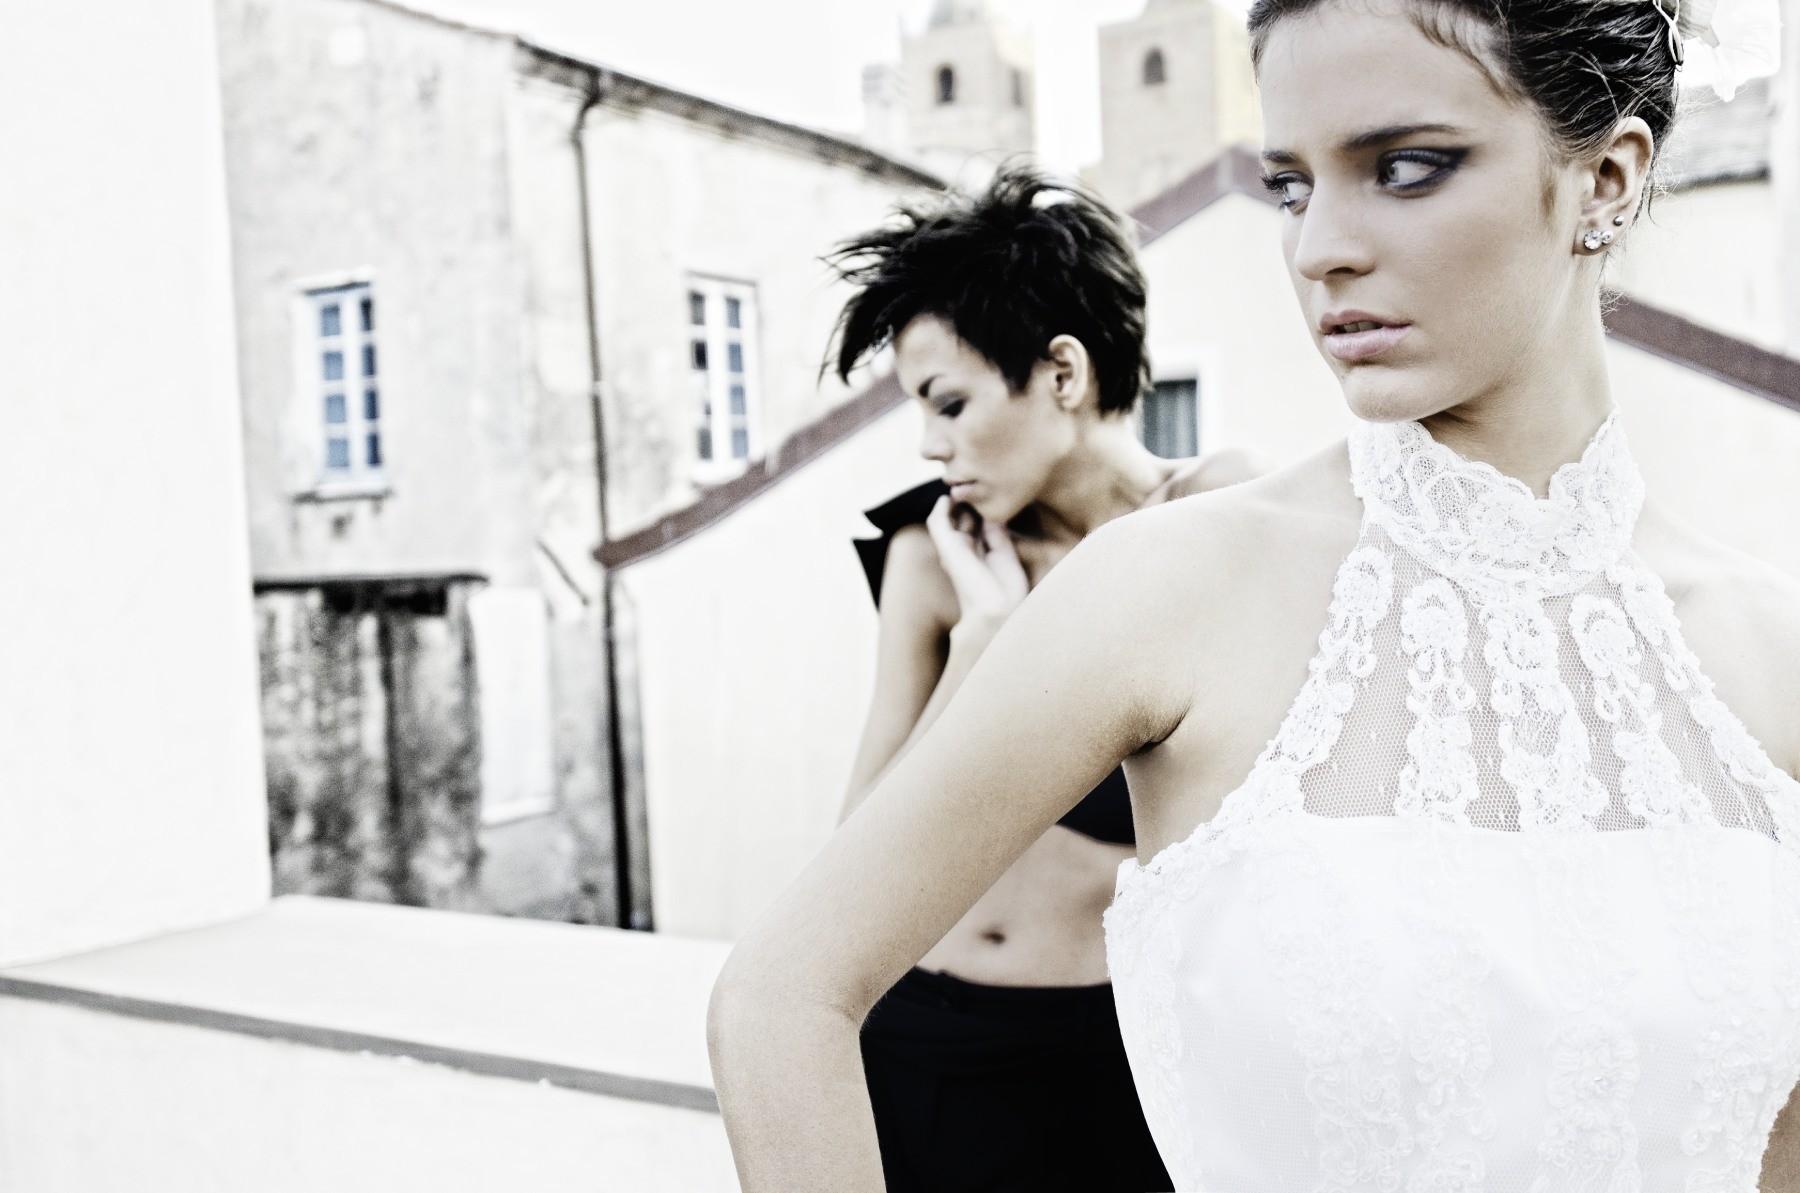 La-Rosa-di-Tulle137 Fashion/Adv